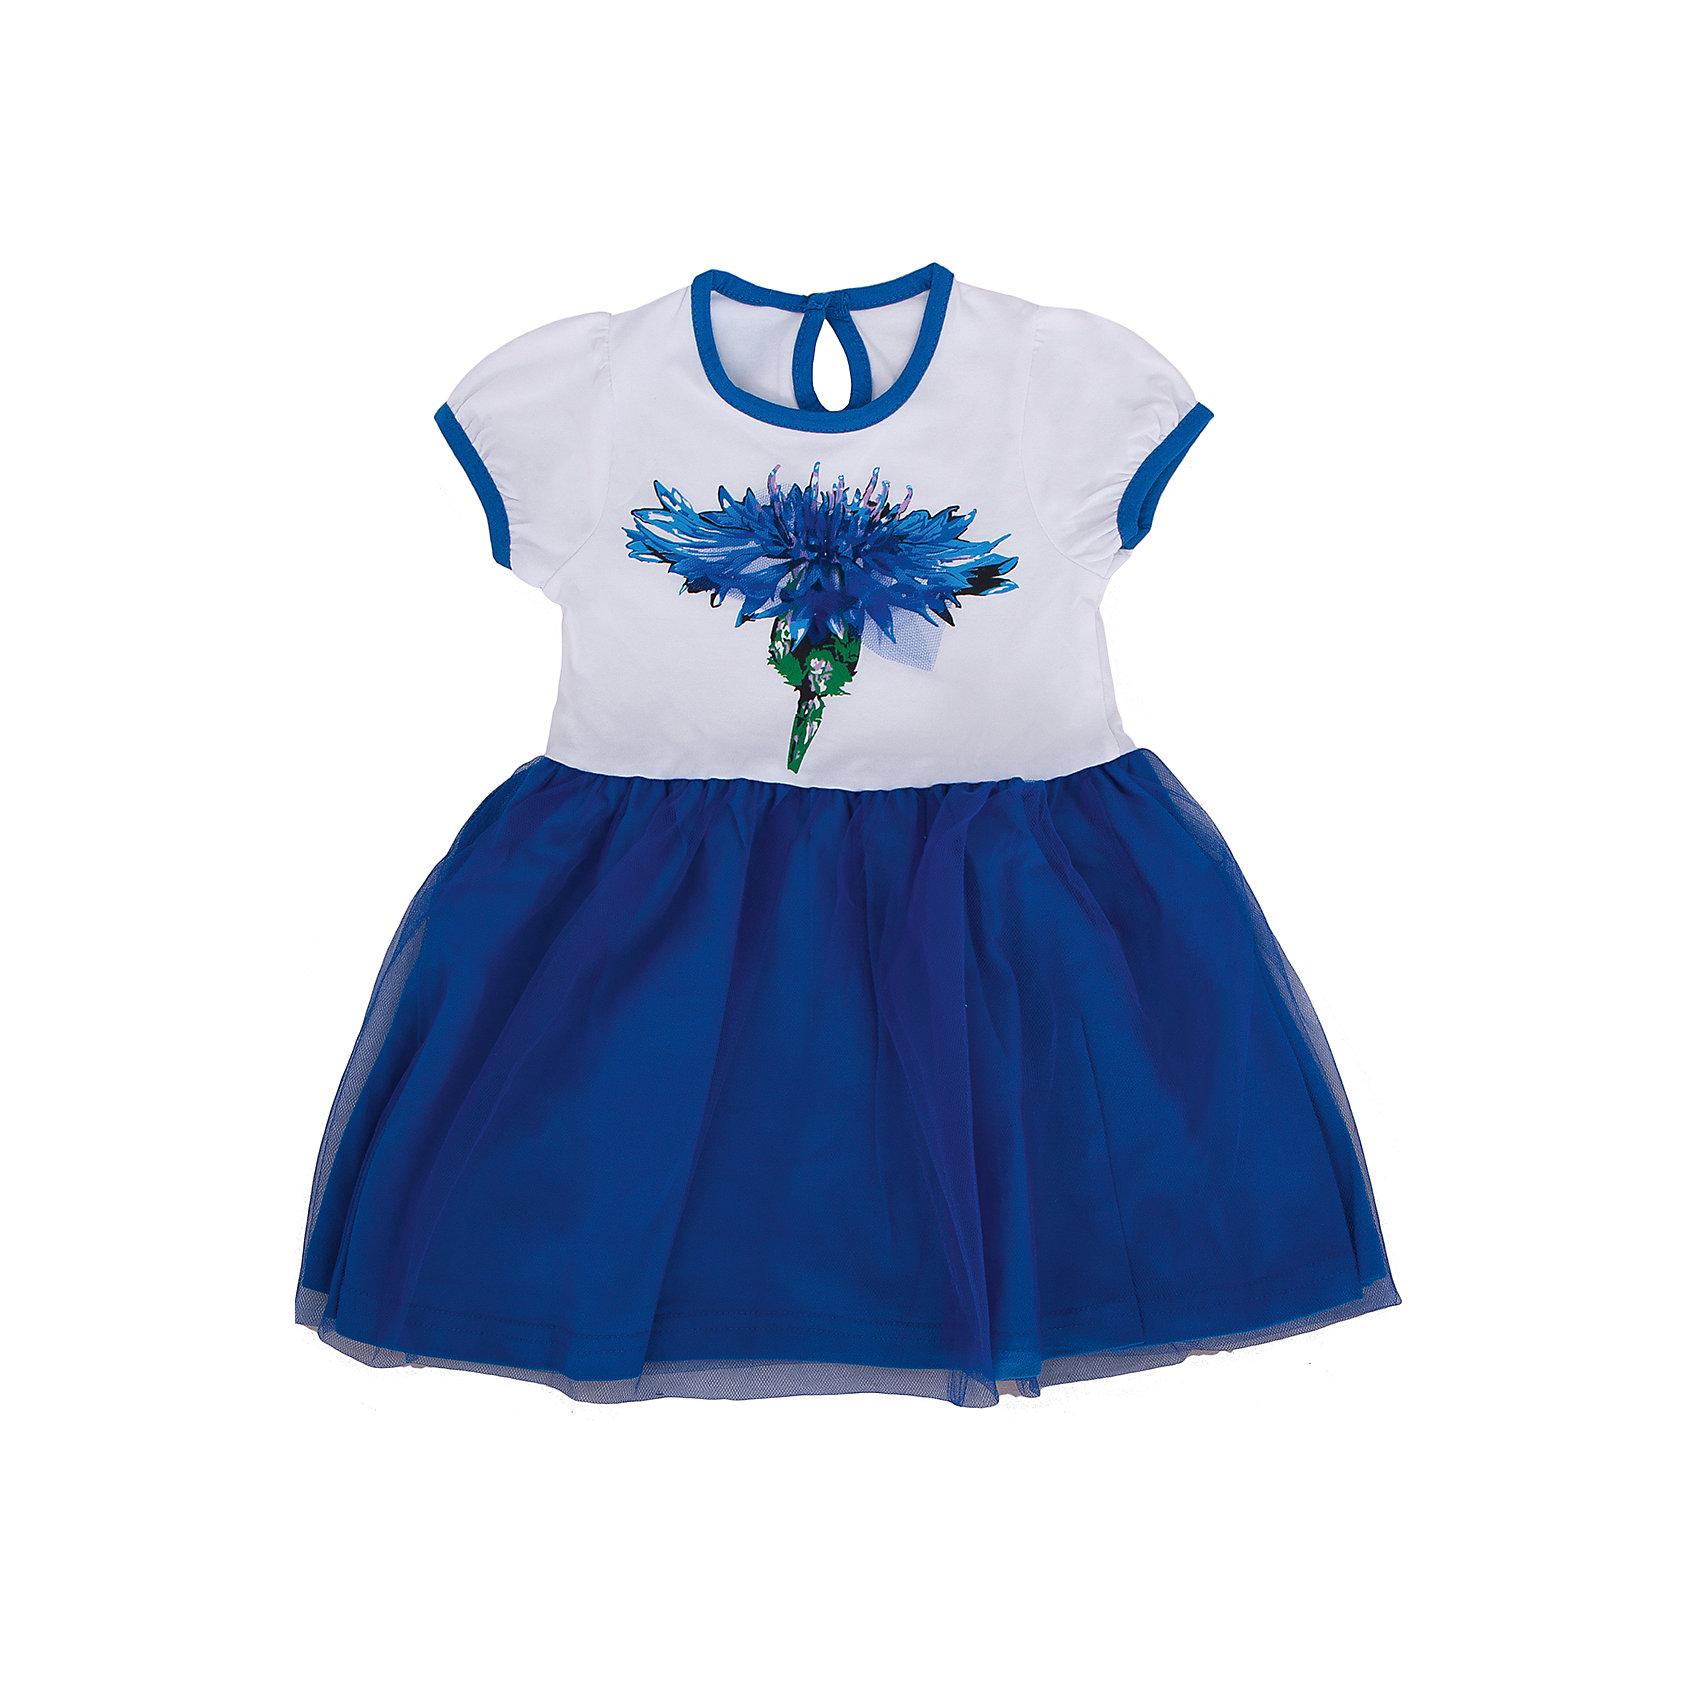 Платье для девочки АпрельПлатье Апрель<br>Чудесное платье с коротким рукавом и застежкой-пуговицей выполнено из натурального хлопка с добавлением лайкры. Контрастные бейки в тон полотнища юбки, яркий принт в виде большого василька, декоративная сетка на юбке сделают платье любимым предметом гардероба Вашей юной модницы. Рекомендуется машинная стирка при температуре 40 градусов без предварительного замачивания.<br><br>Дополнительная информация:<br><br>- Сезон: лето<br>- Цвет: белый, синий<br>- Длина рукава: короткие<br>- Вид застежки: пуговица<br>- Длина юбки: мини<br>- Тип карманов: без карманов<br>- По назначению: повседневный стиль<br>- Ткань: кулир<br>- Состав: 92% хлопок, 8% лайкра<br><br>Платье Апрель можно купить в нашем интернет-магазине.<br><br>Ширина мм: 236<br>Глубина мм: 16<br>Высота мм: 184<br>Вес г: 177<br>Цвет: голубой<br>Возраст от месяцев: 24<br>Возраст до месяцев: 36<br>Пол: Женский<br>Возраст: Детский<br>Размер: 98,86,116,110,104,92<br>SKU: 4726258